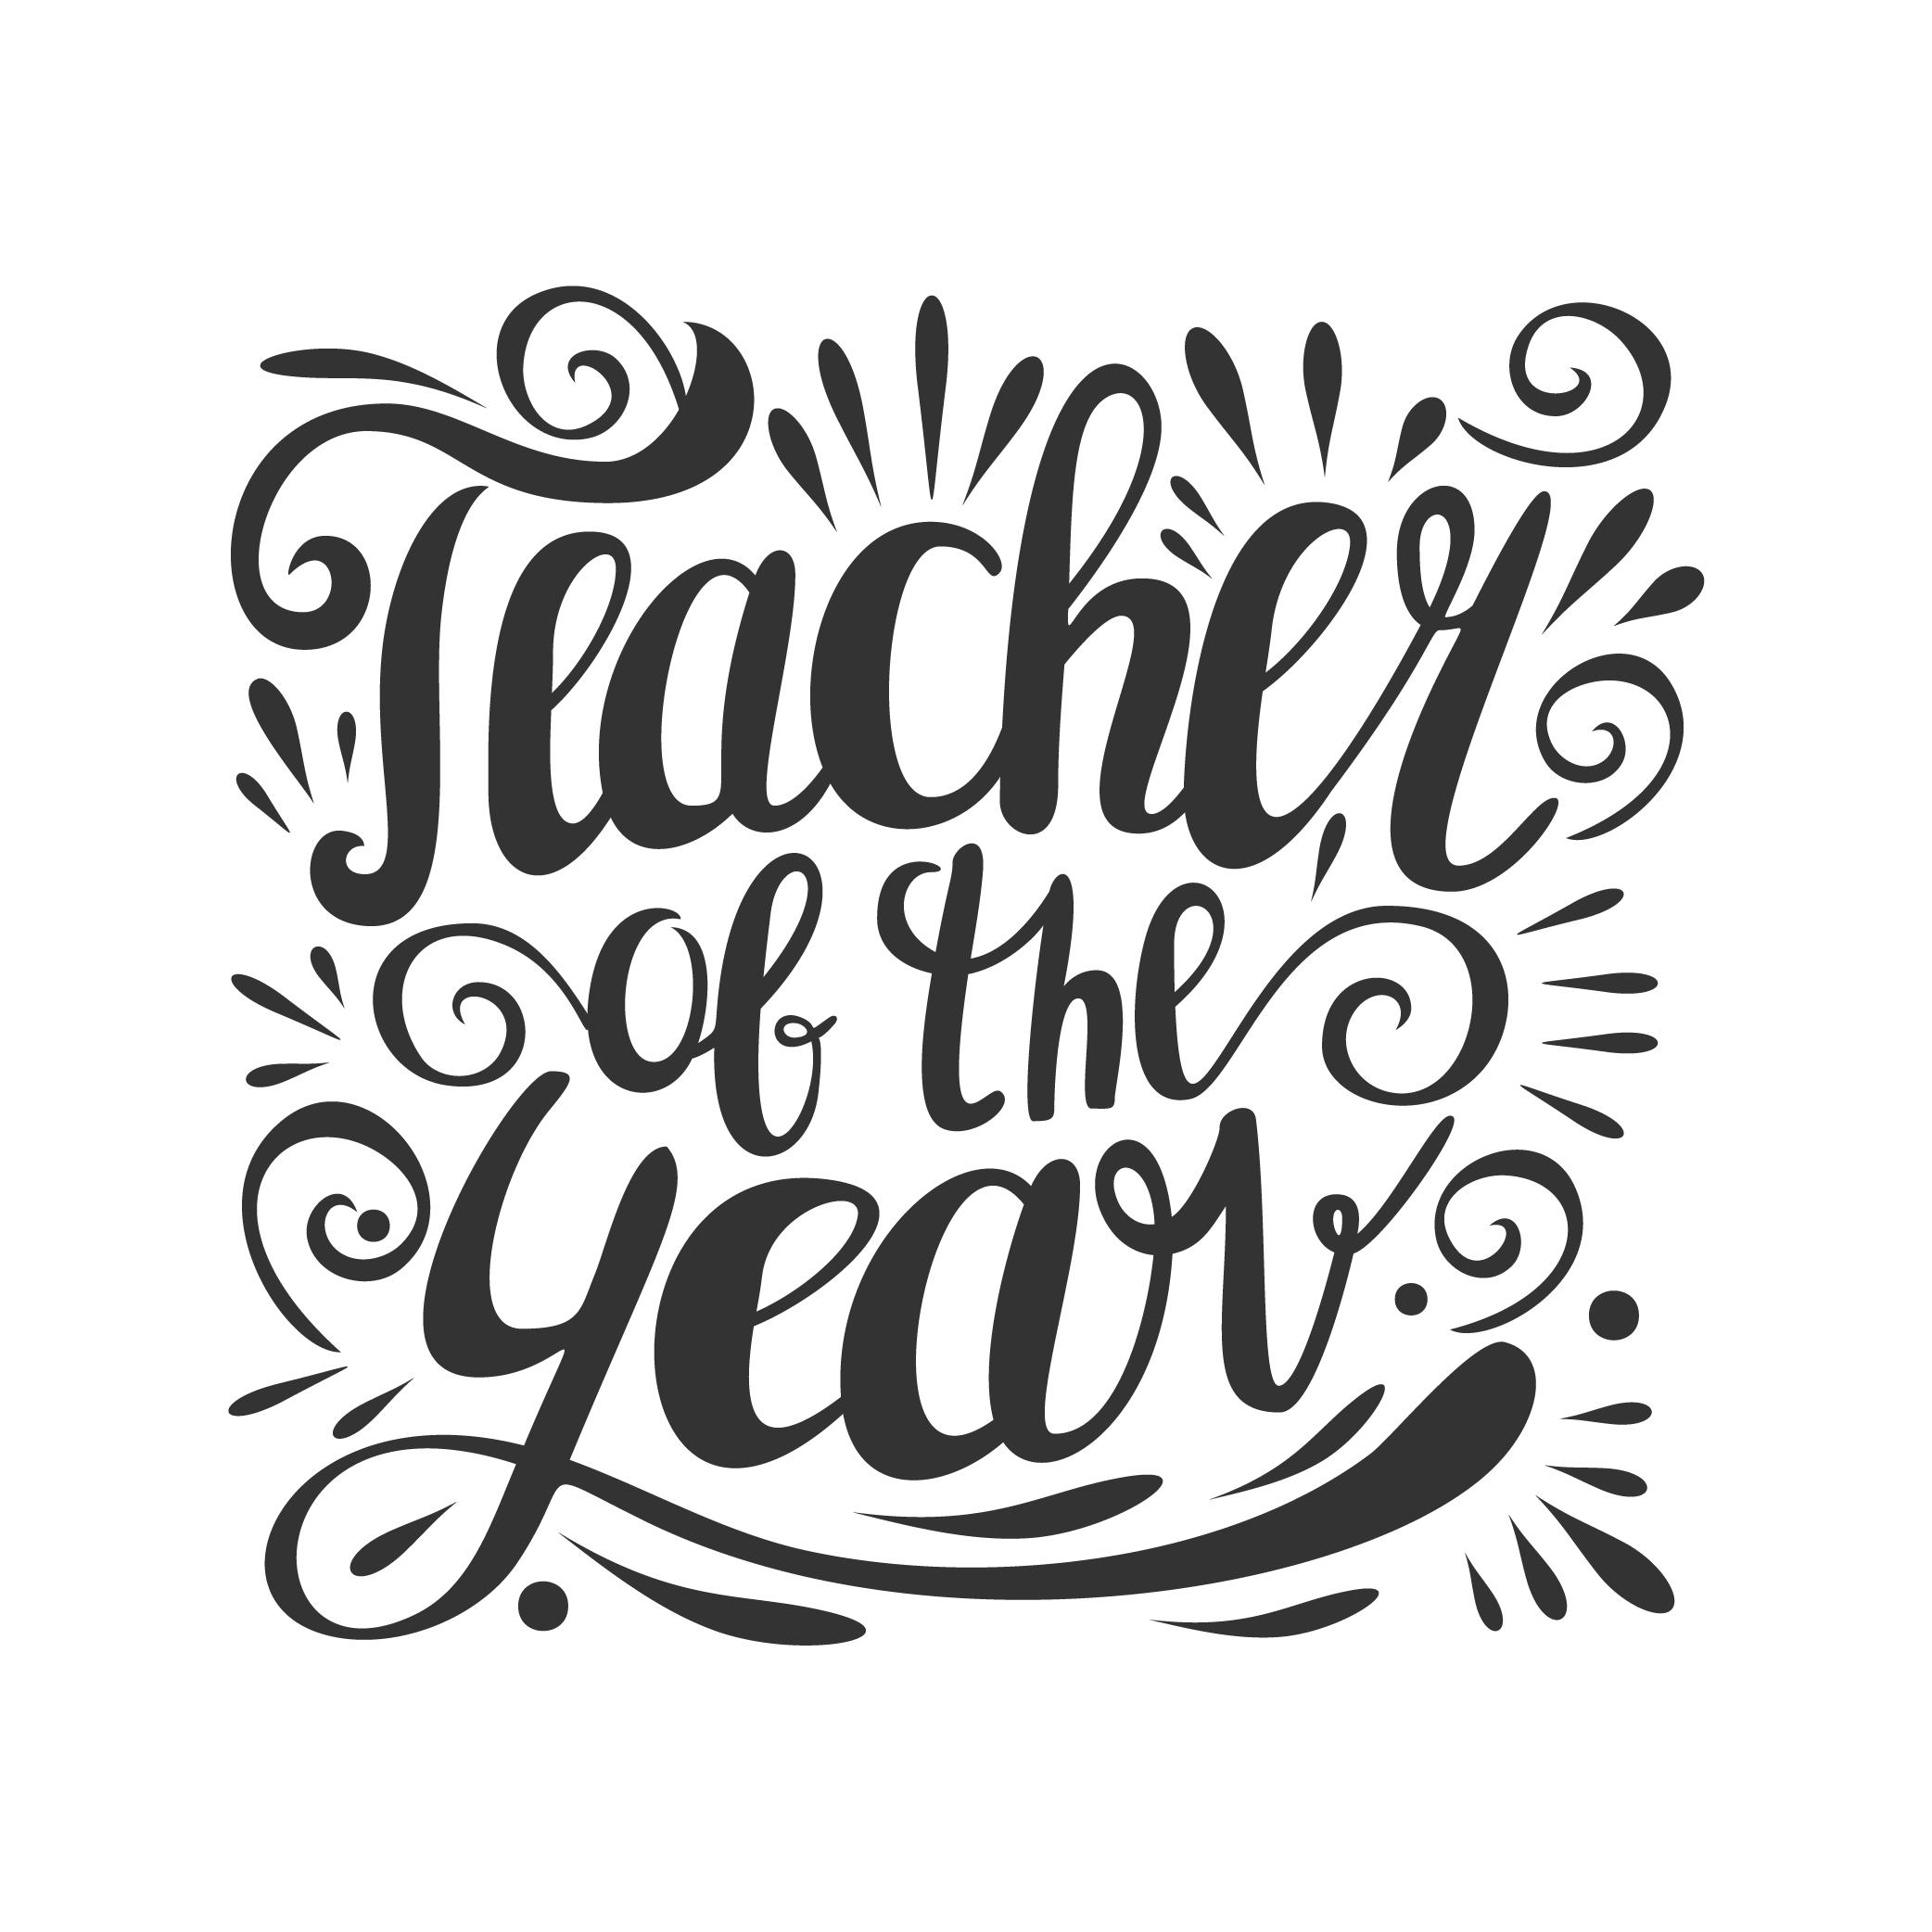 Personnalisé THANK YOU TEACHER Bougie Étiquette//autocollant parfait de fin d/'année Cadeau